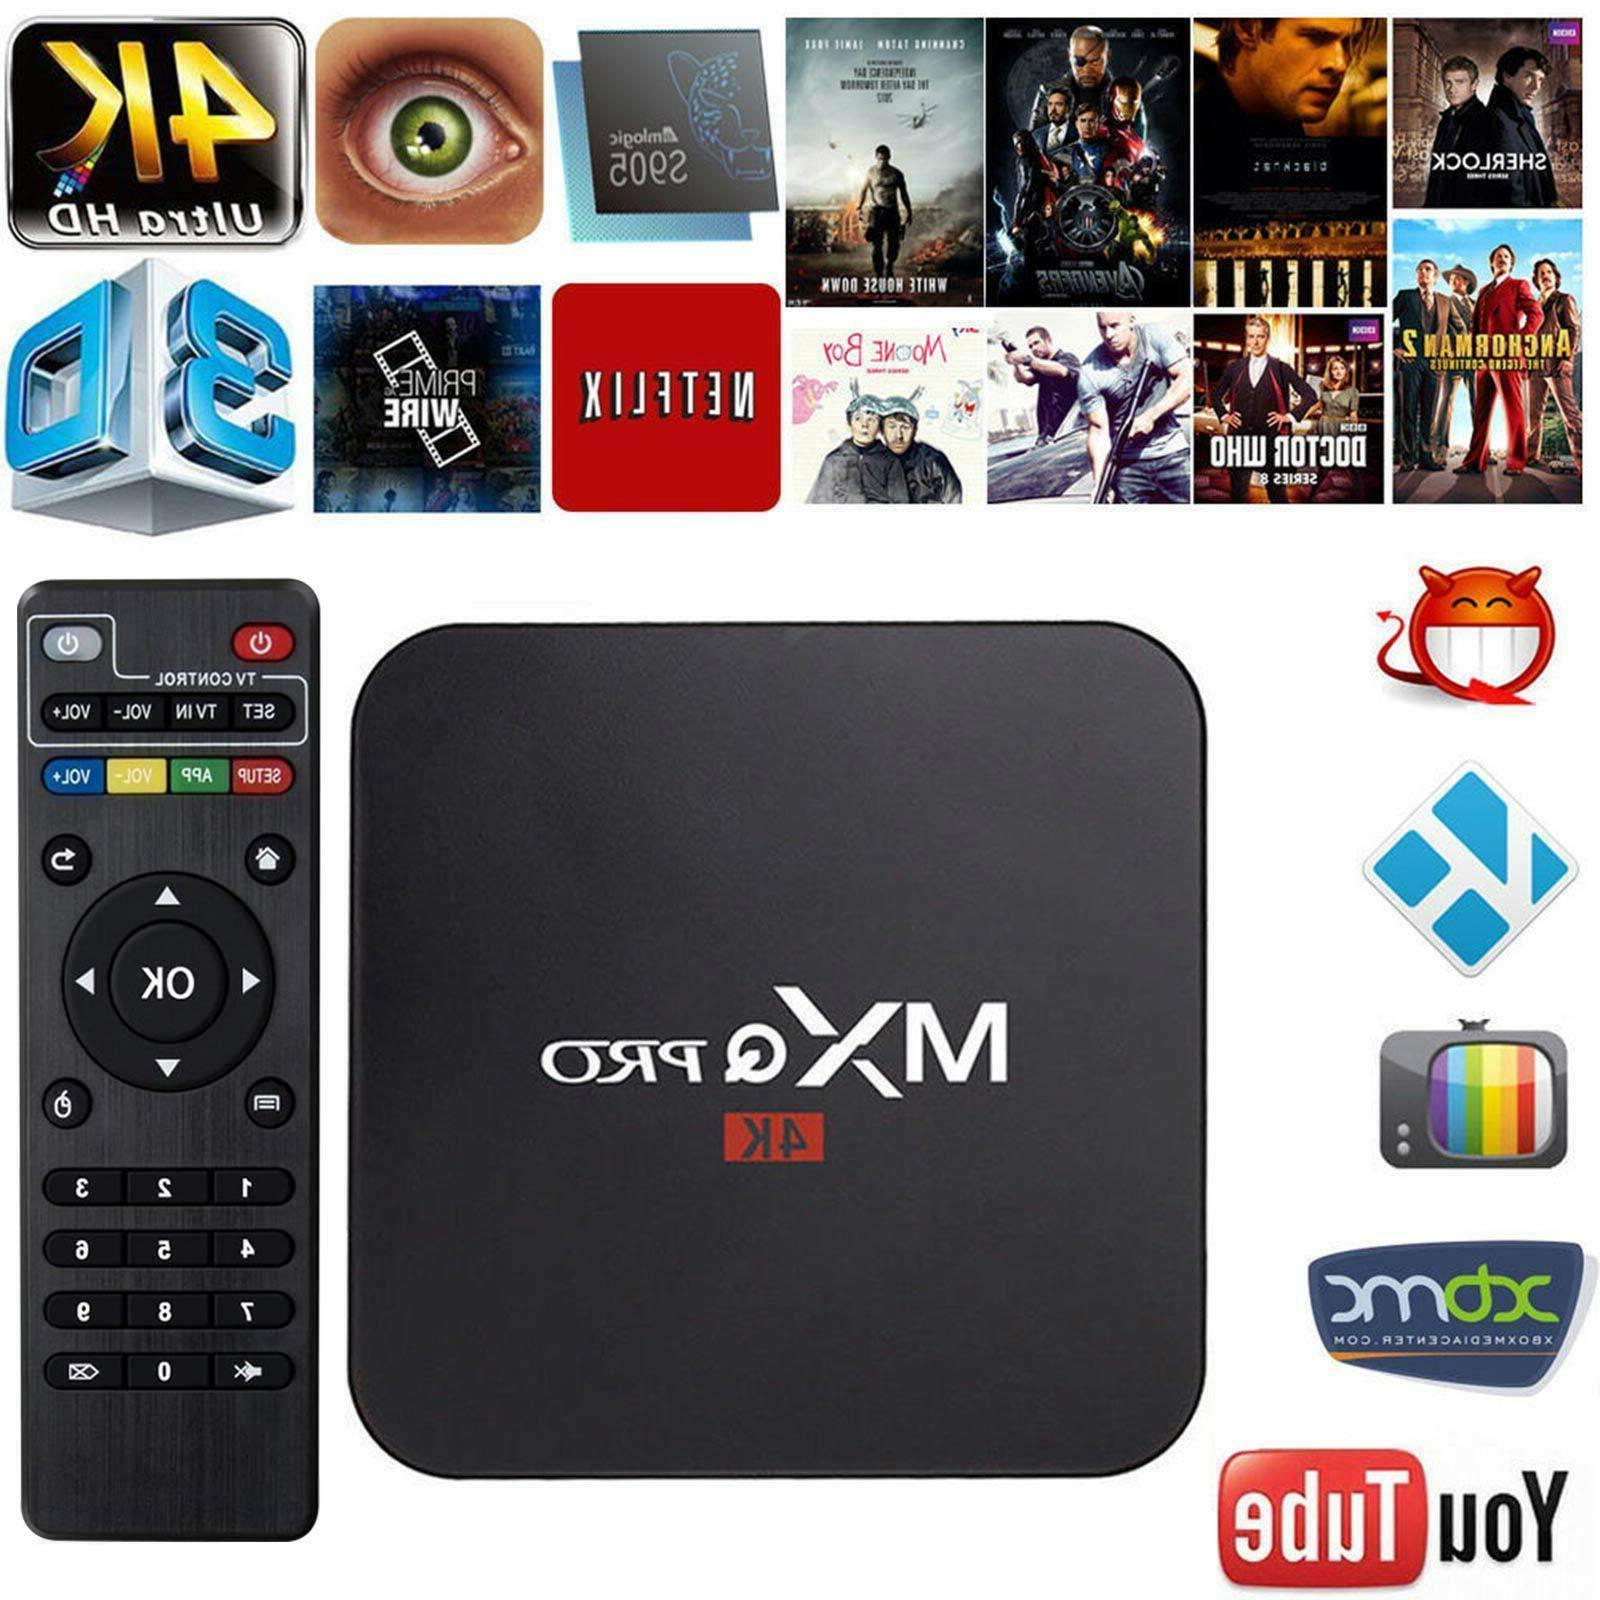 MXQ Pro 4K 3D 64Bit Android 7.1 Quad Core 1080P HDMI WIFI KO